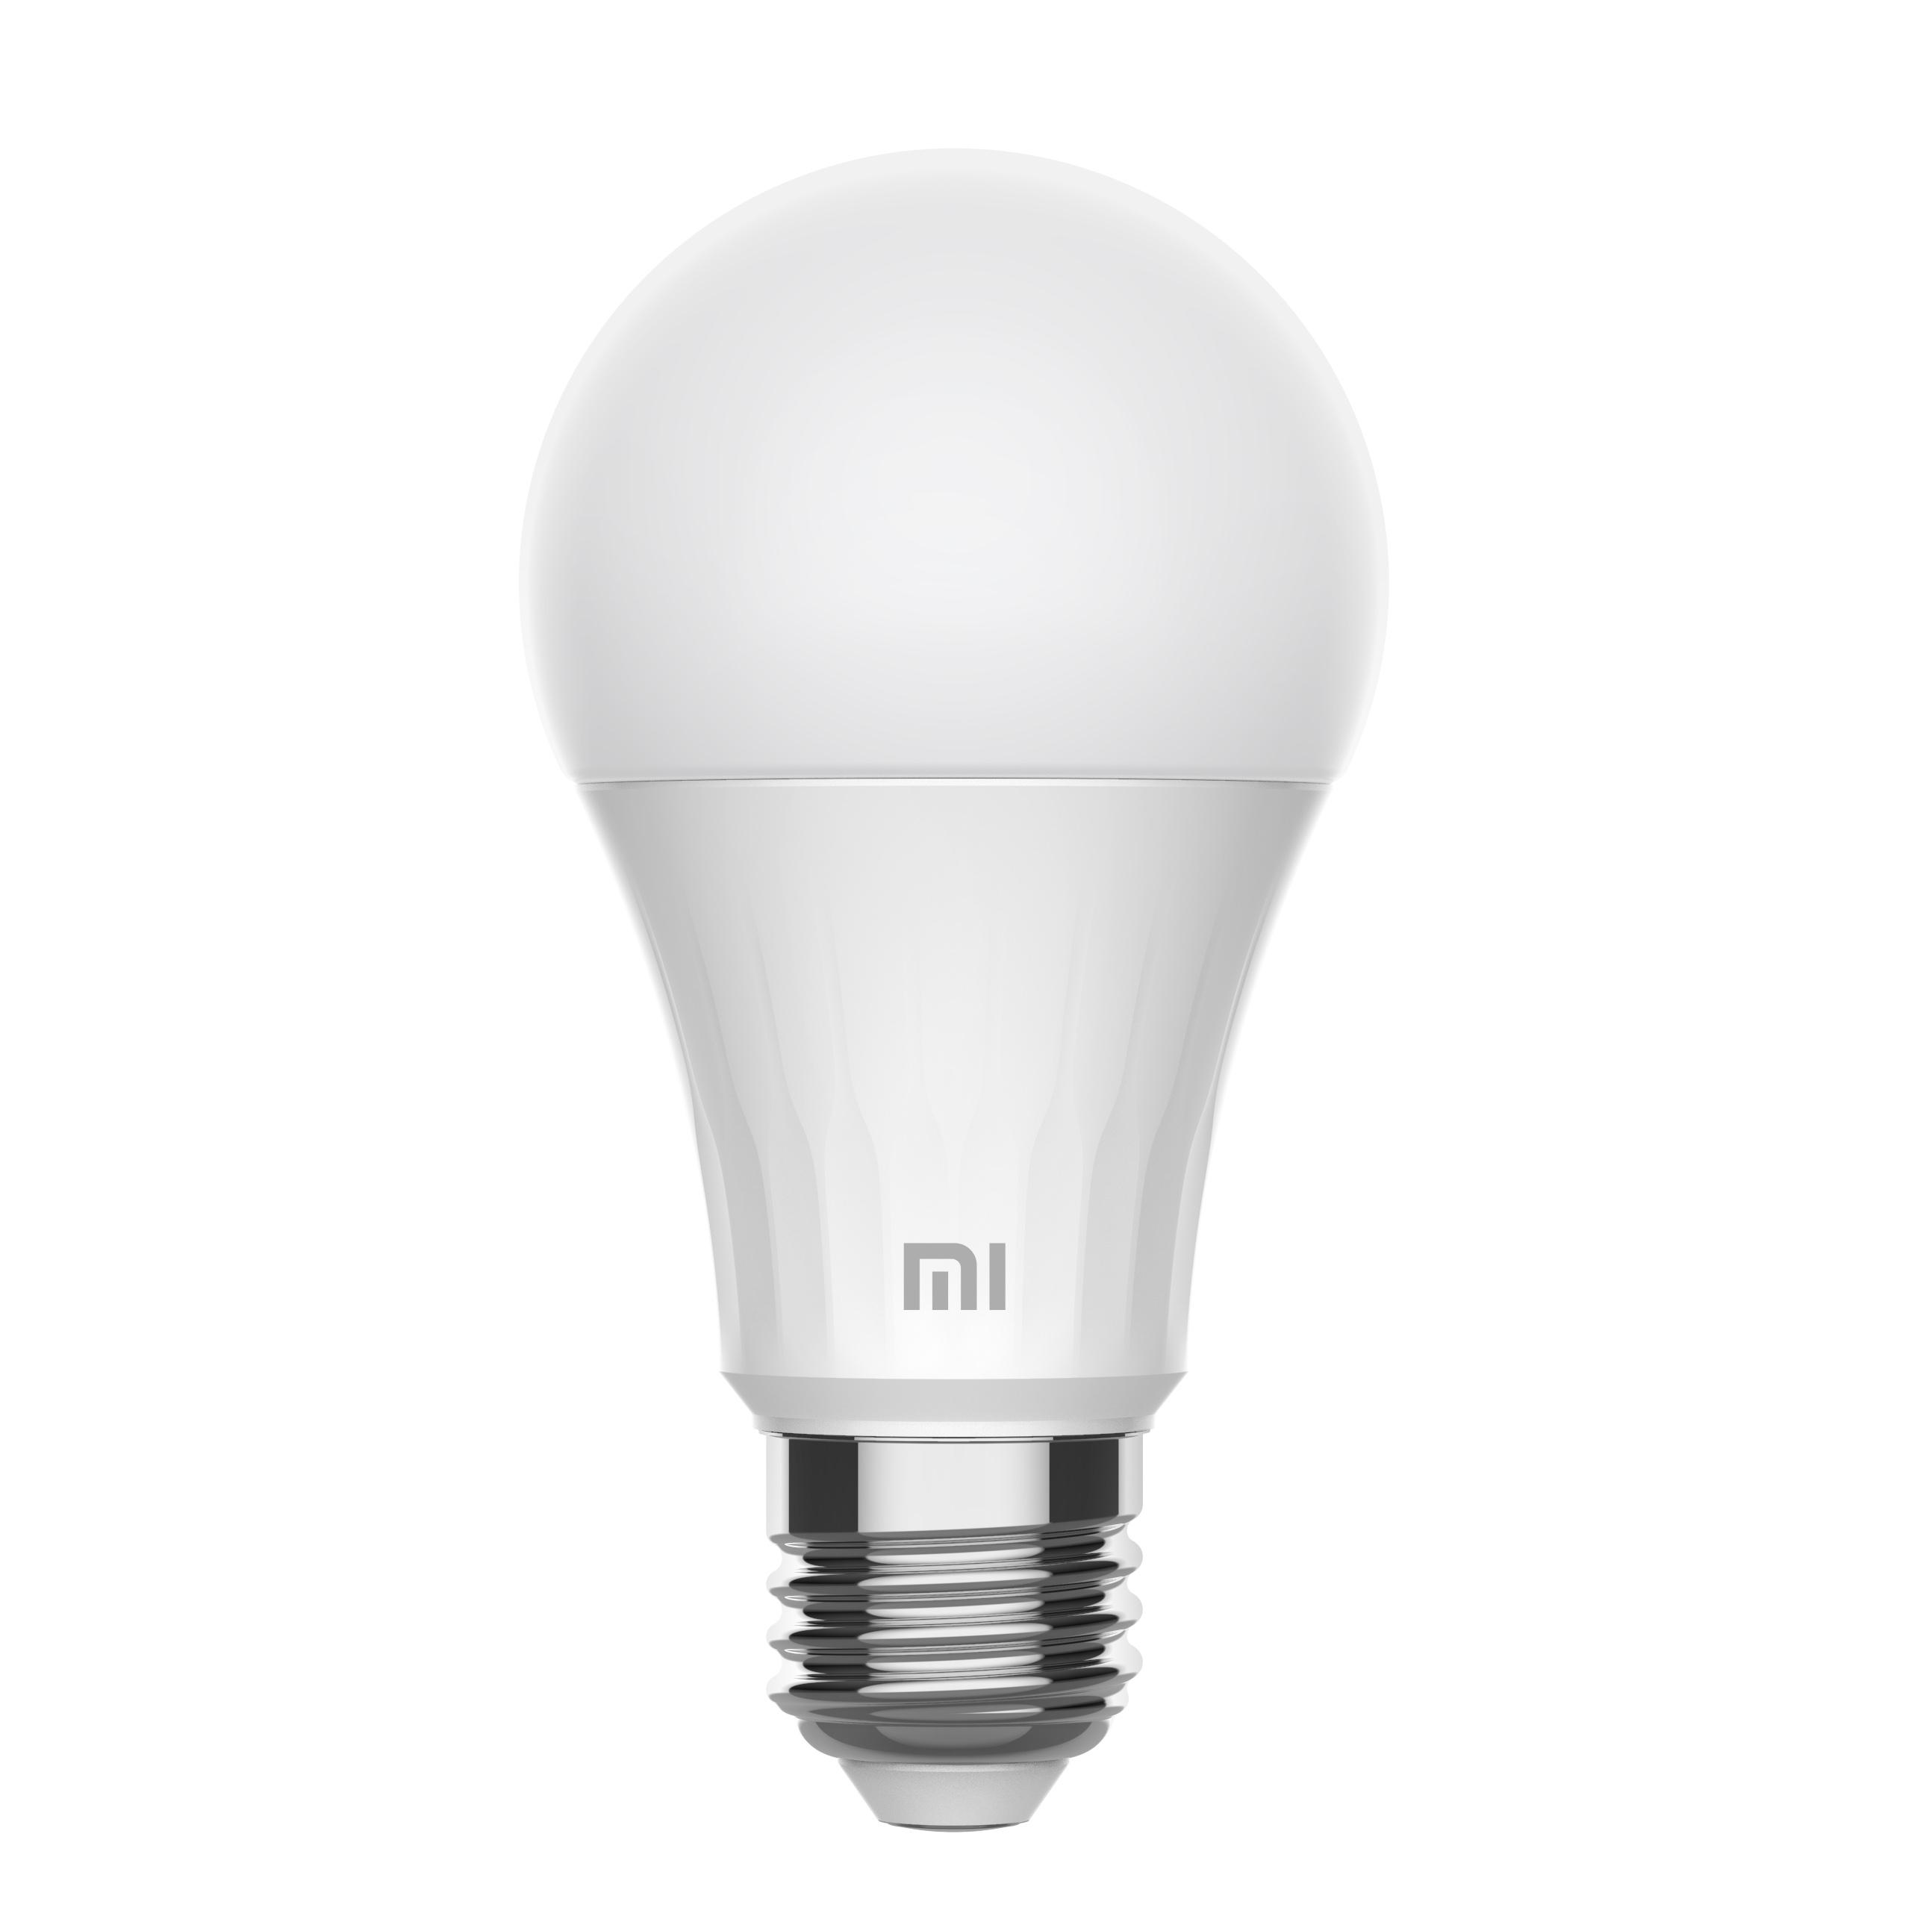 Mi Smart LED Bulb (Warm White) okosizzó, meleg fehér (2700K) fényű